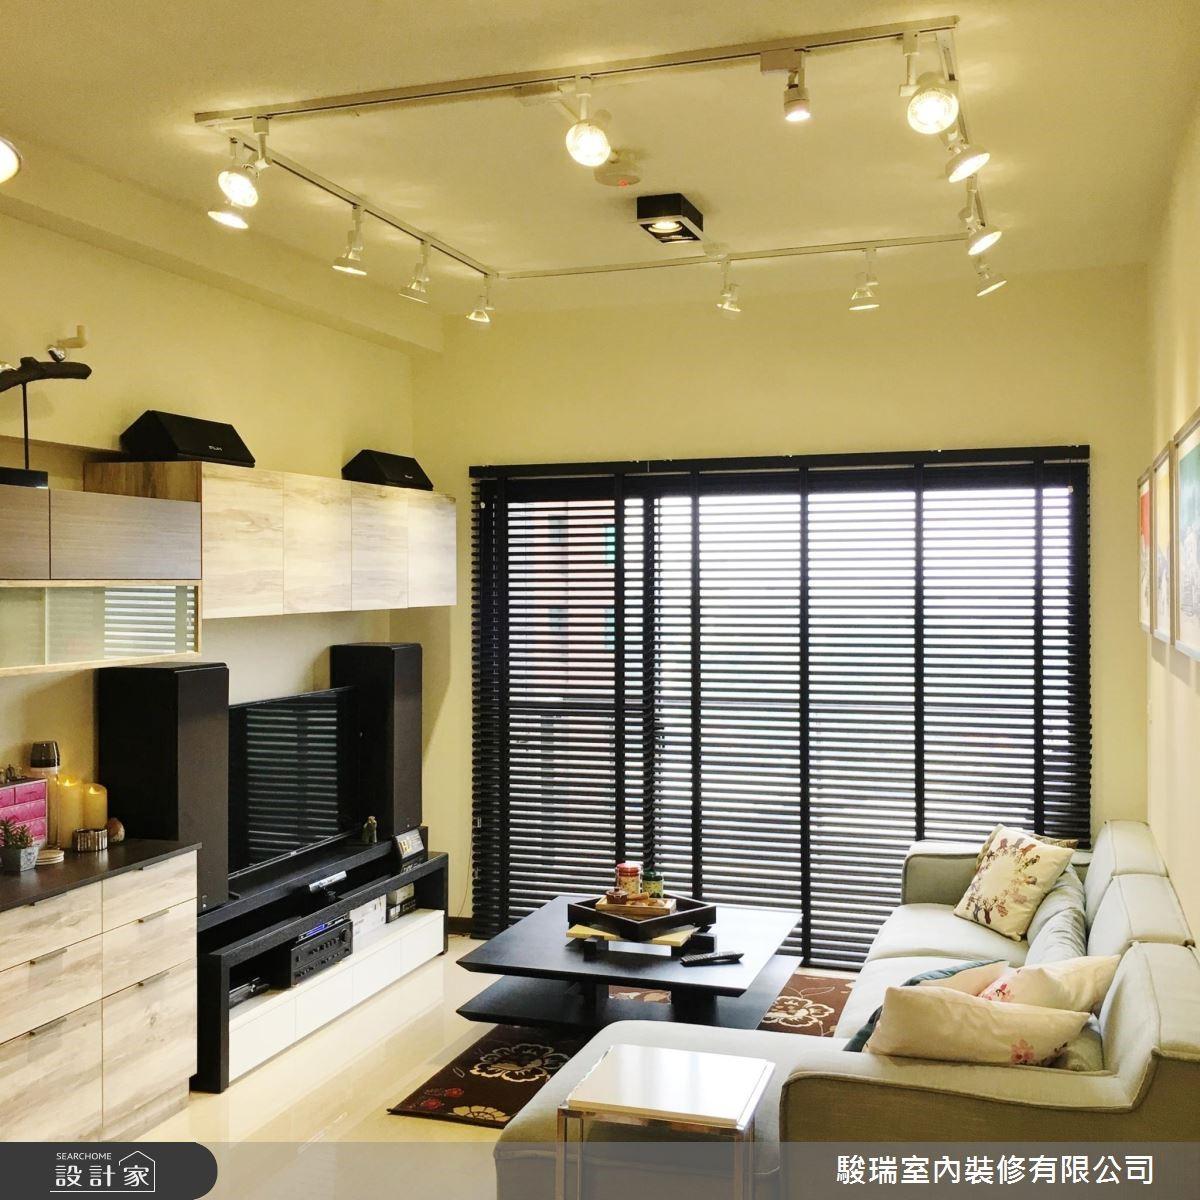 28坪新成屋(5年以下)_現代風客廳案例圖片_駿瑞室內裝修有限公司_駿瑞_05之6